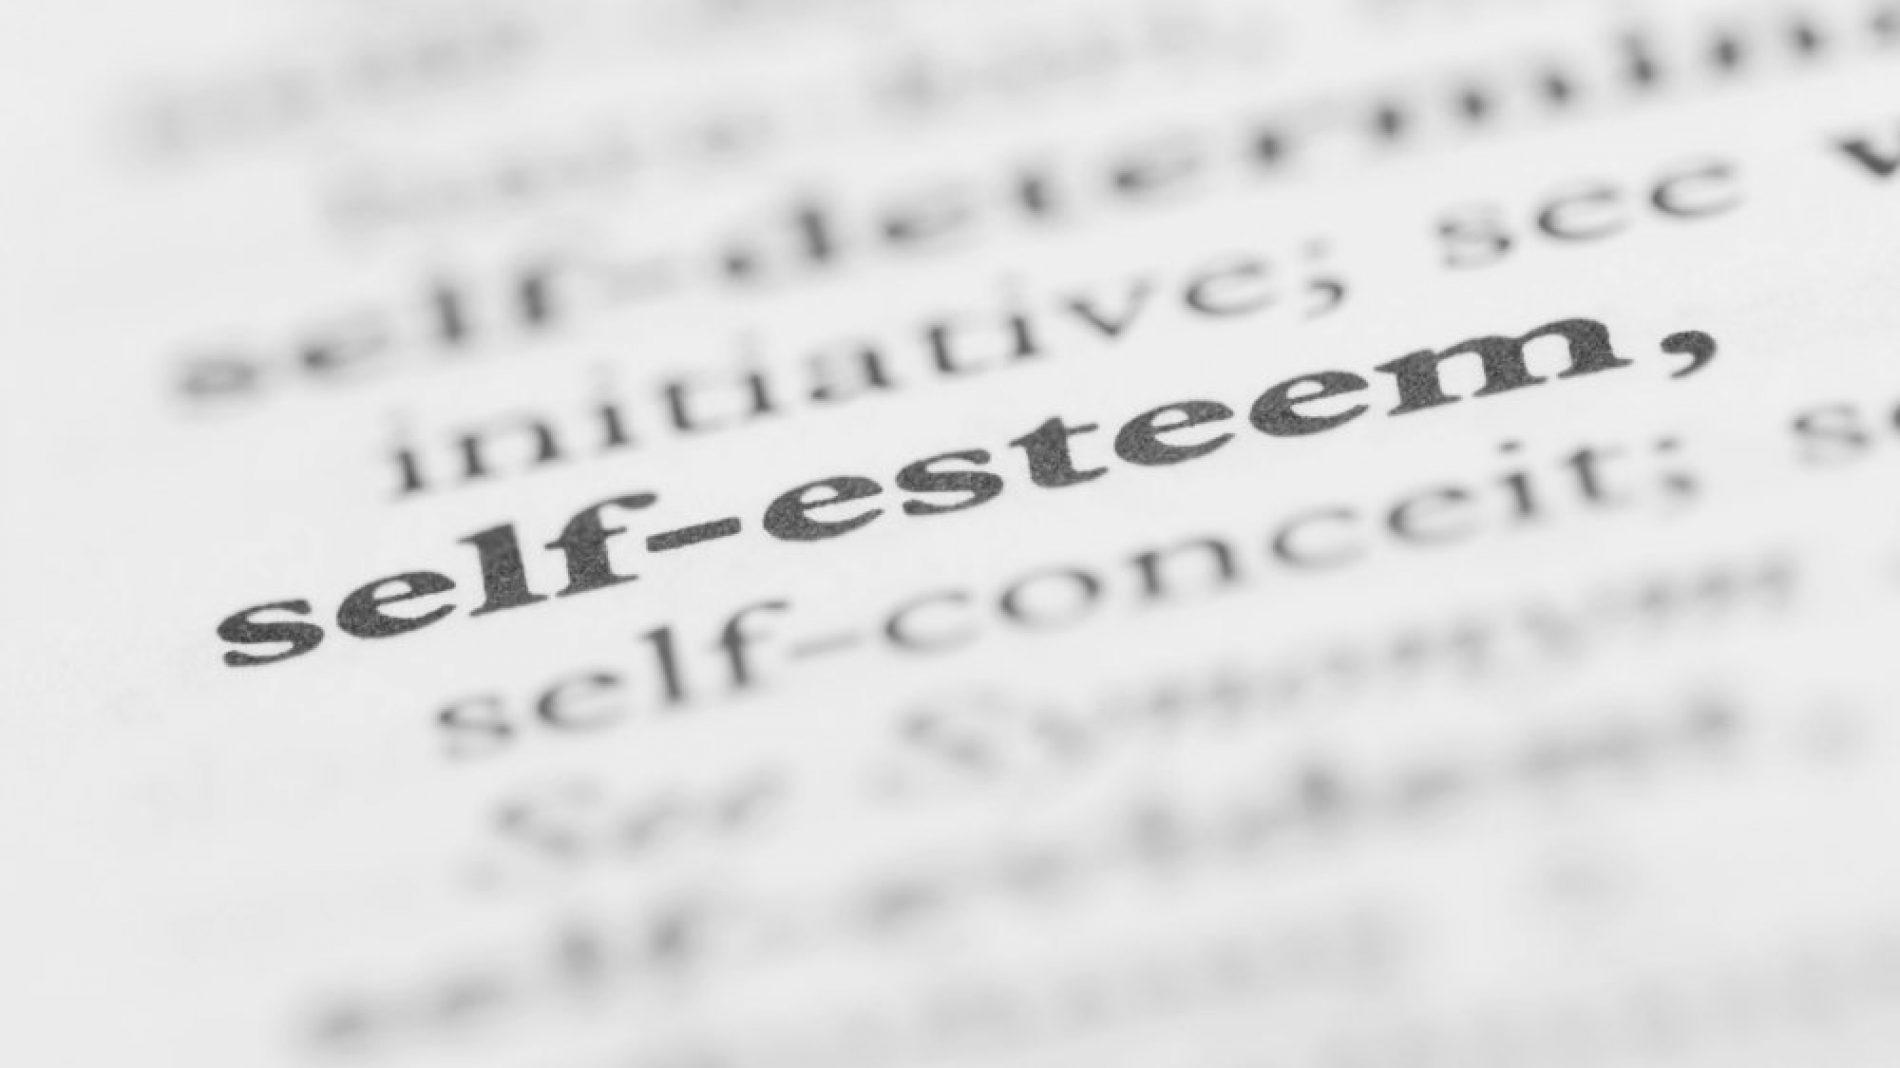 self_esteem